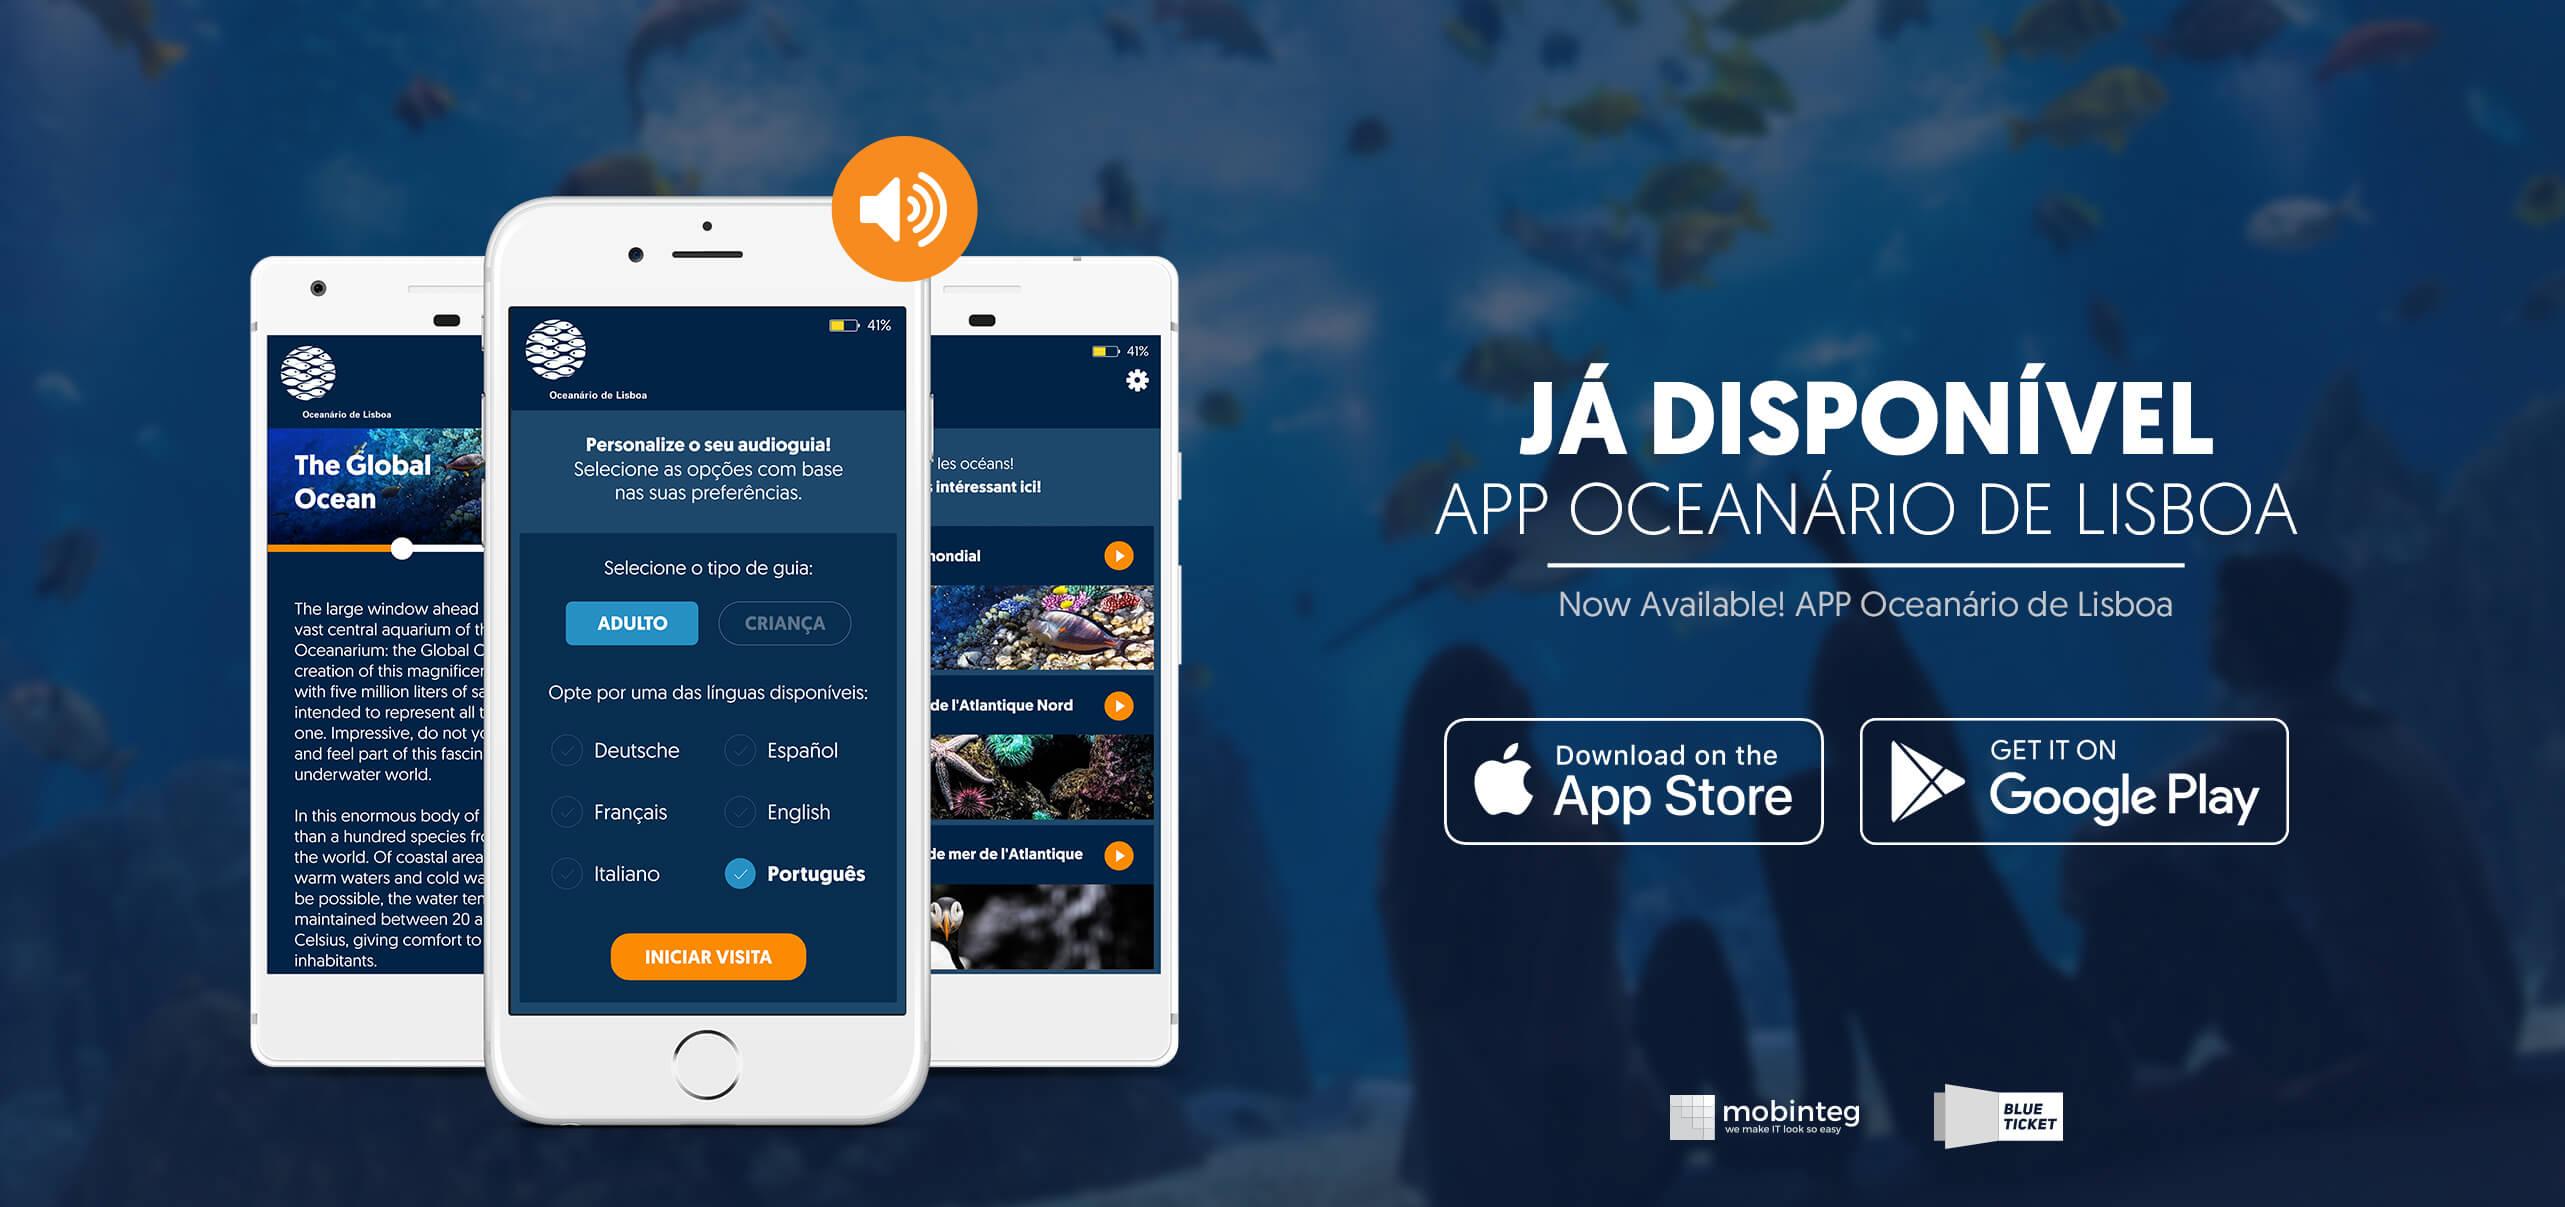 É oficial! Apresentamos a nova App do Oceanário de Lisboa